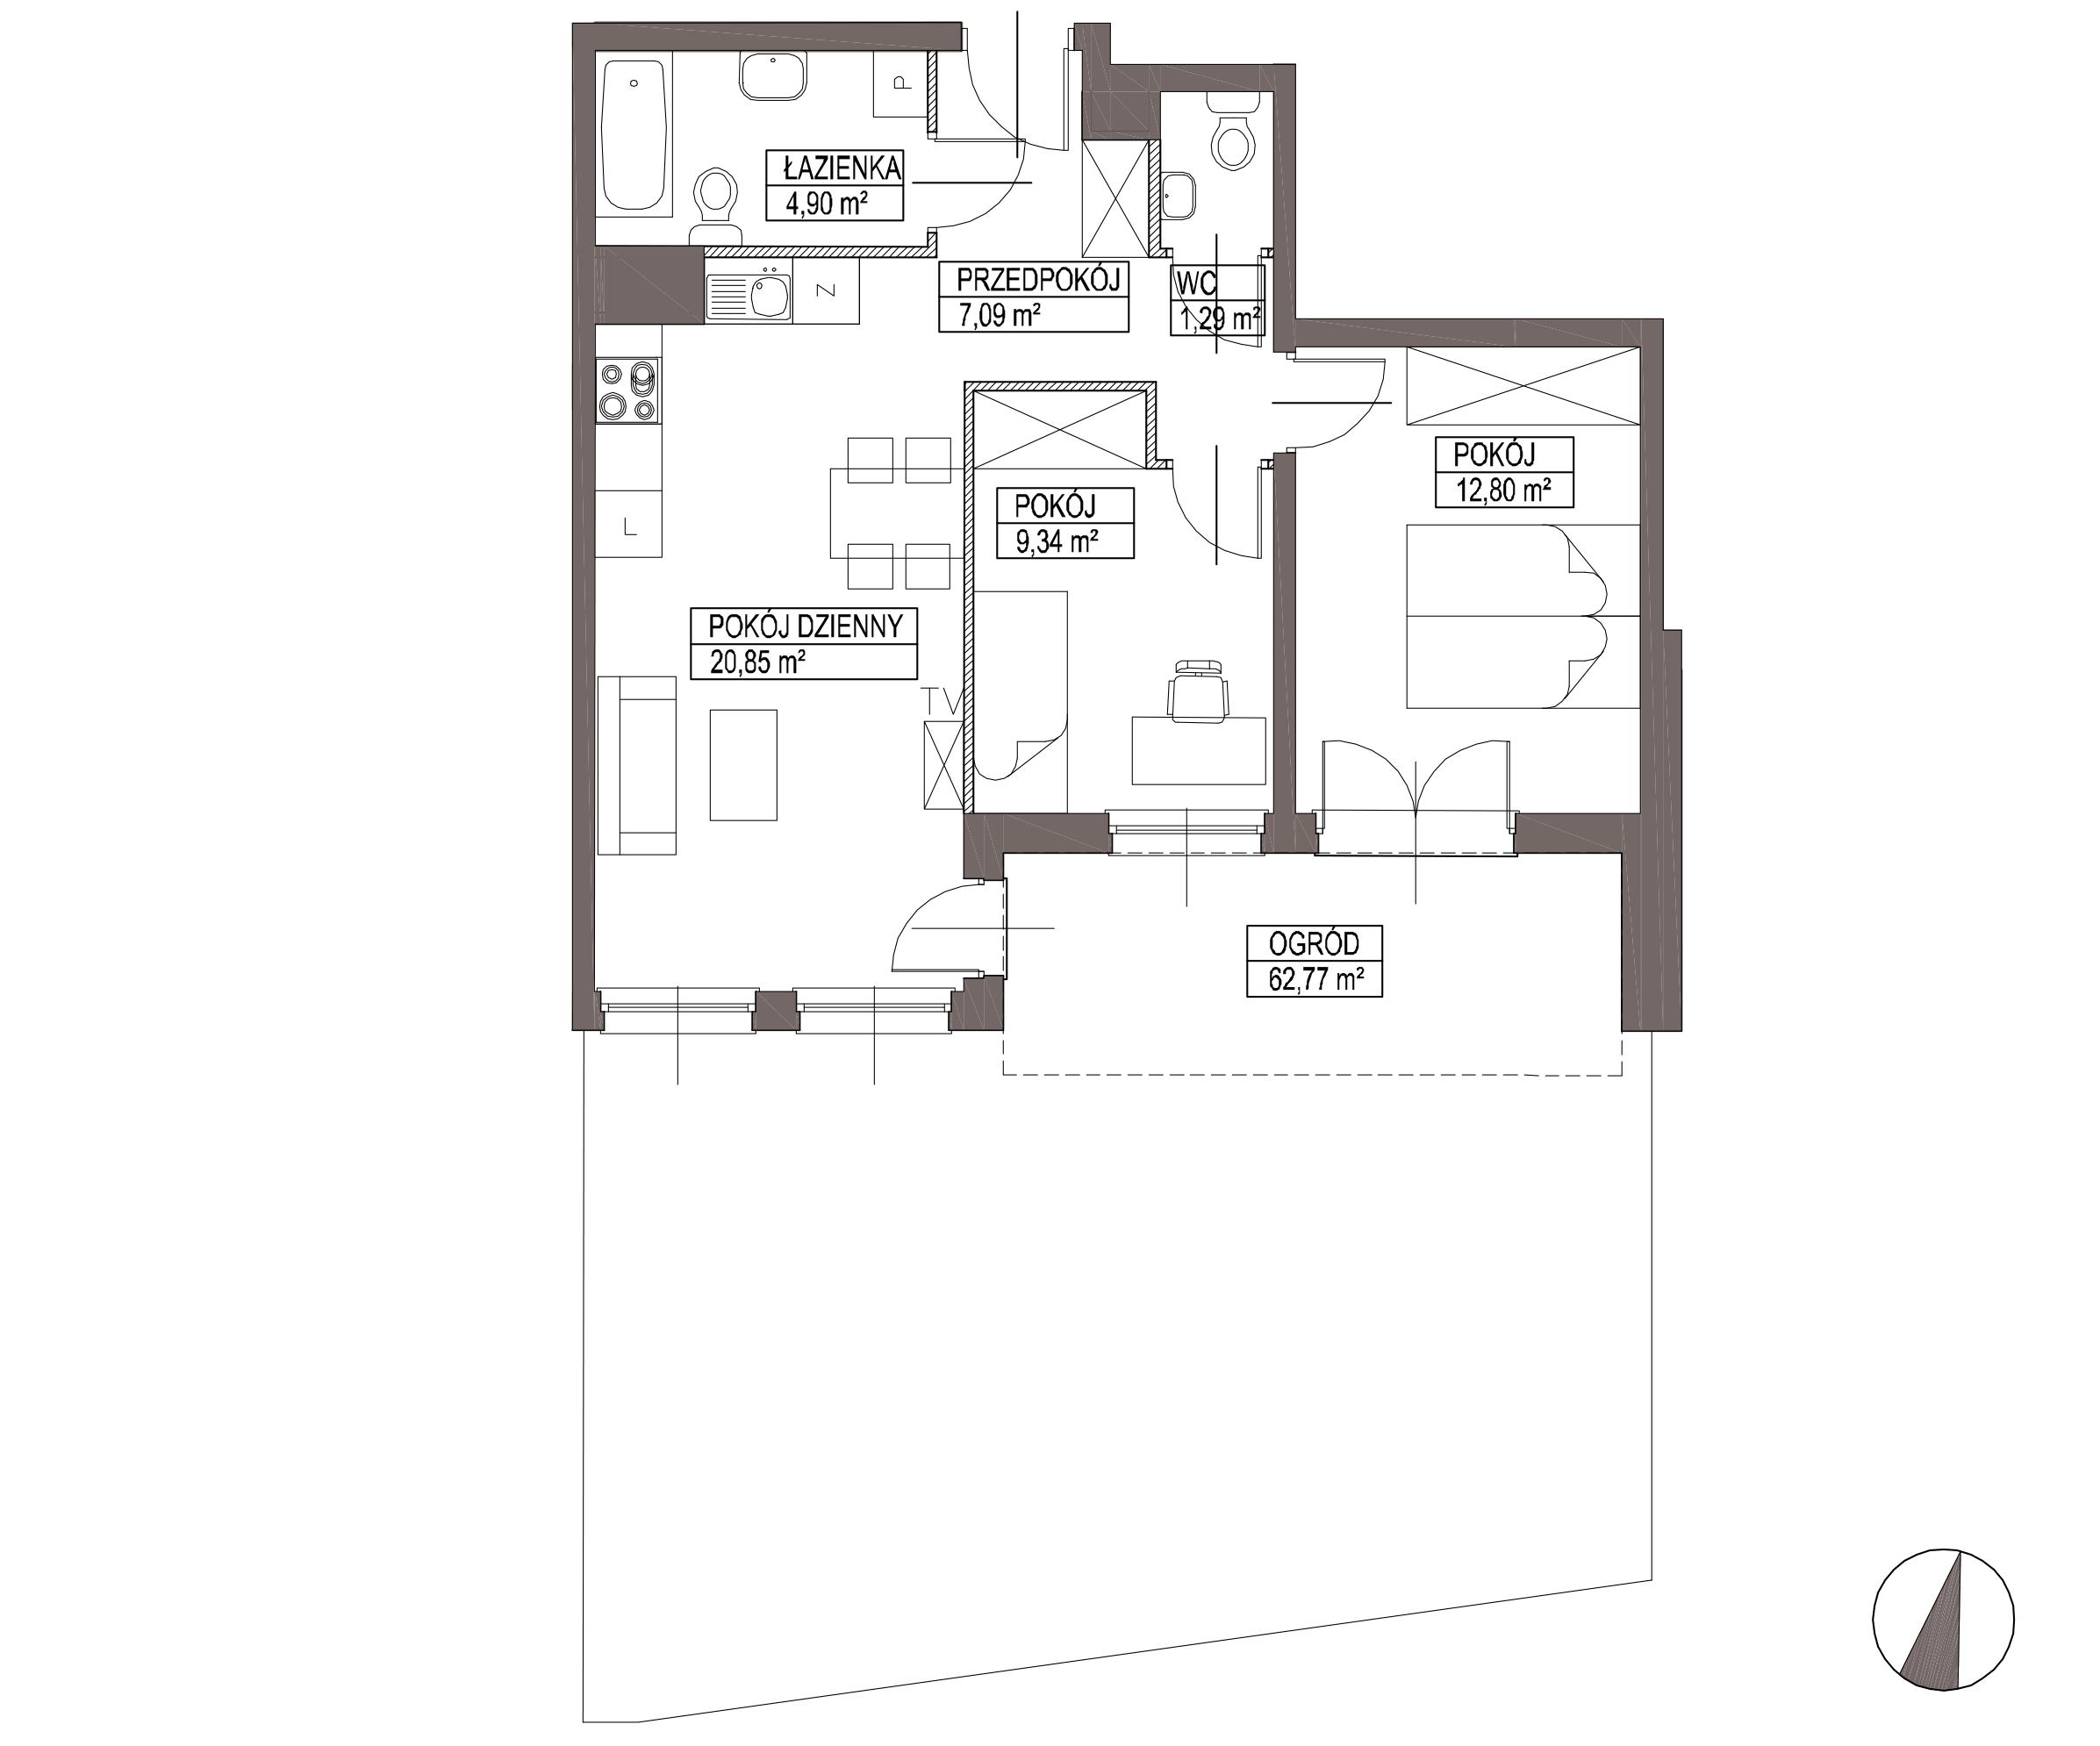 Kameralna Olszówka / budynek 1 / mieszkanie KO/A/0/2 rzut 1